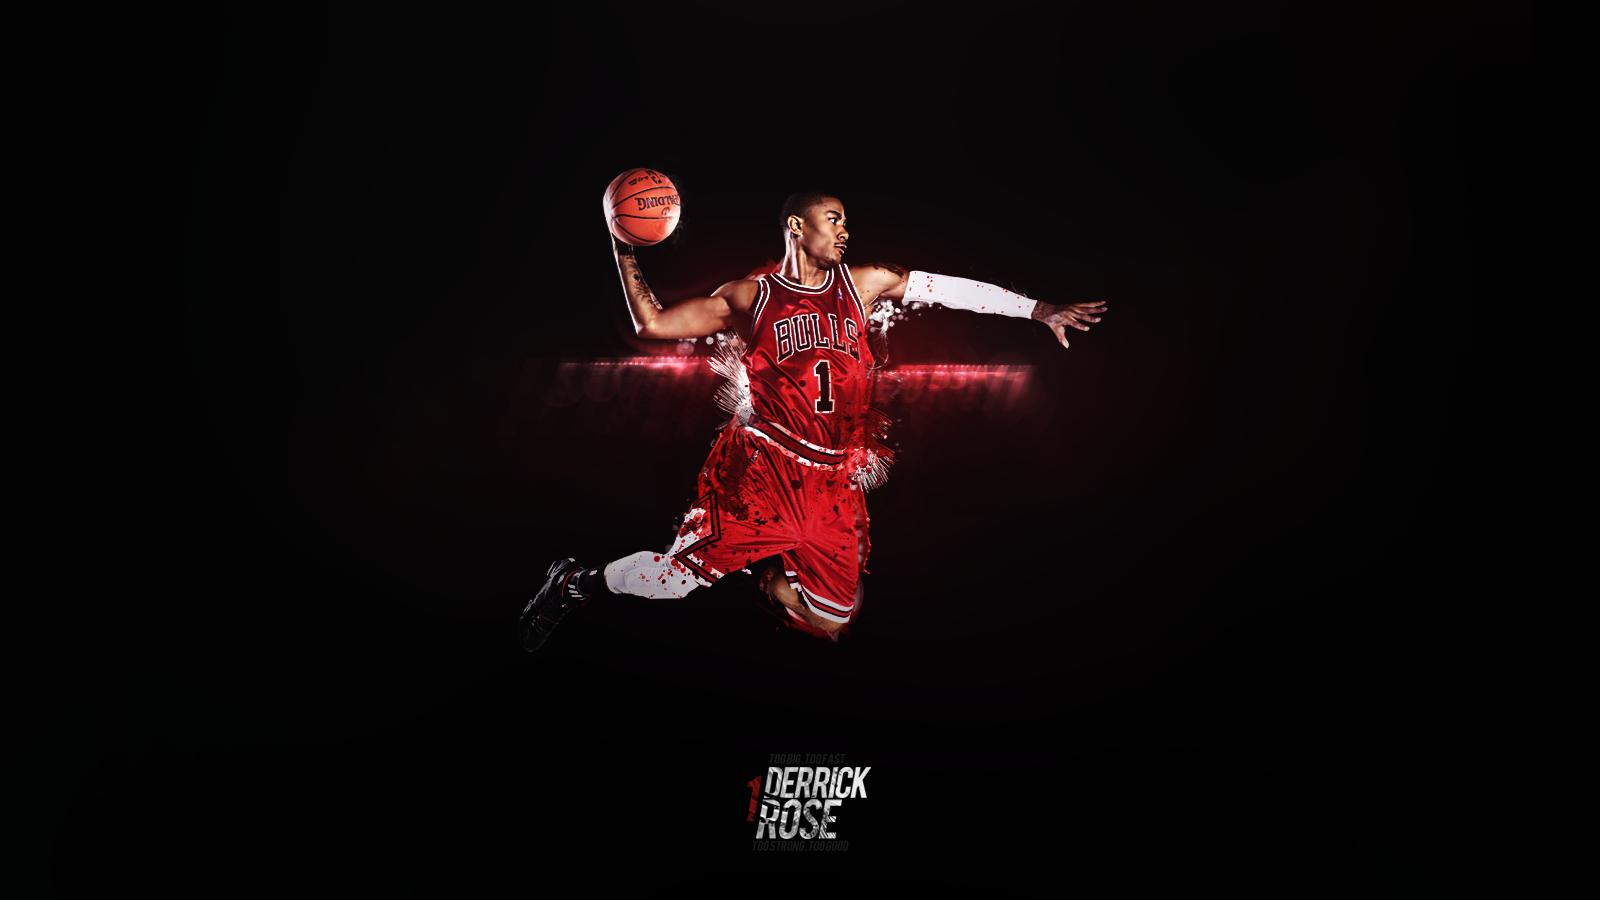 Derrick Rose Dunk Wallpaper 2011 2 Basketball Wallpaper